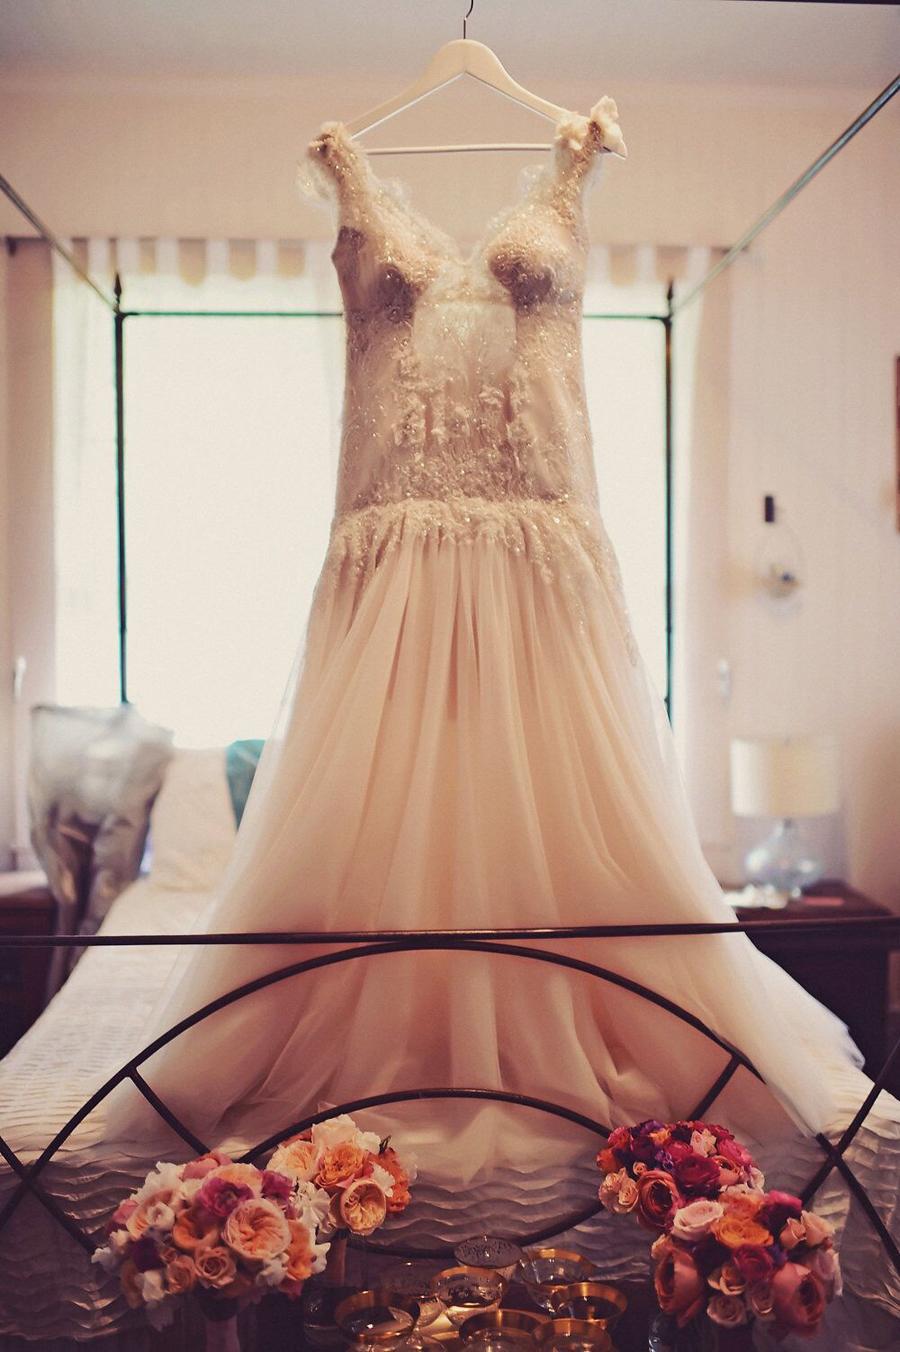 Wedding Dress, Wedding Gown, Wedding, Wedding Day, Wedding Inspiration, Bride